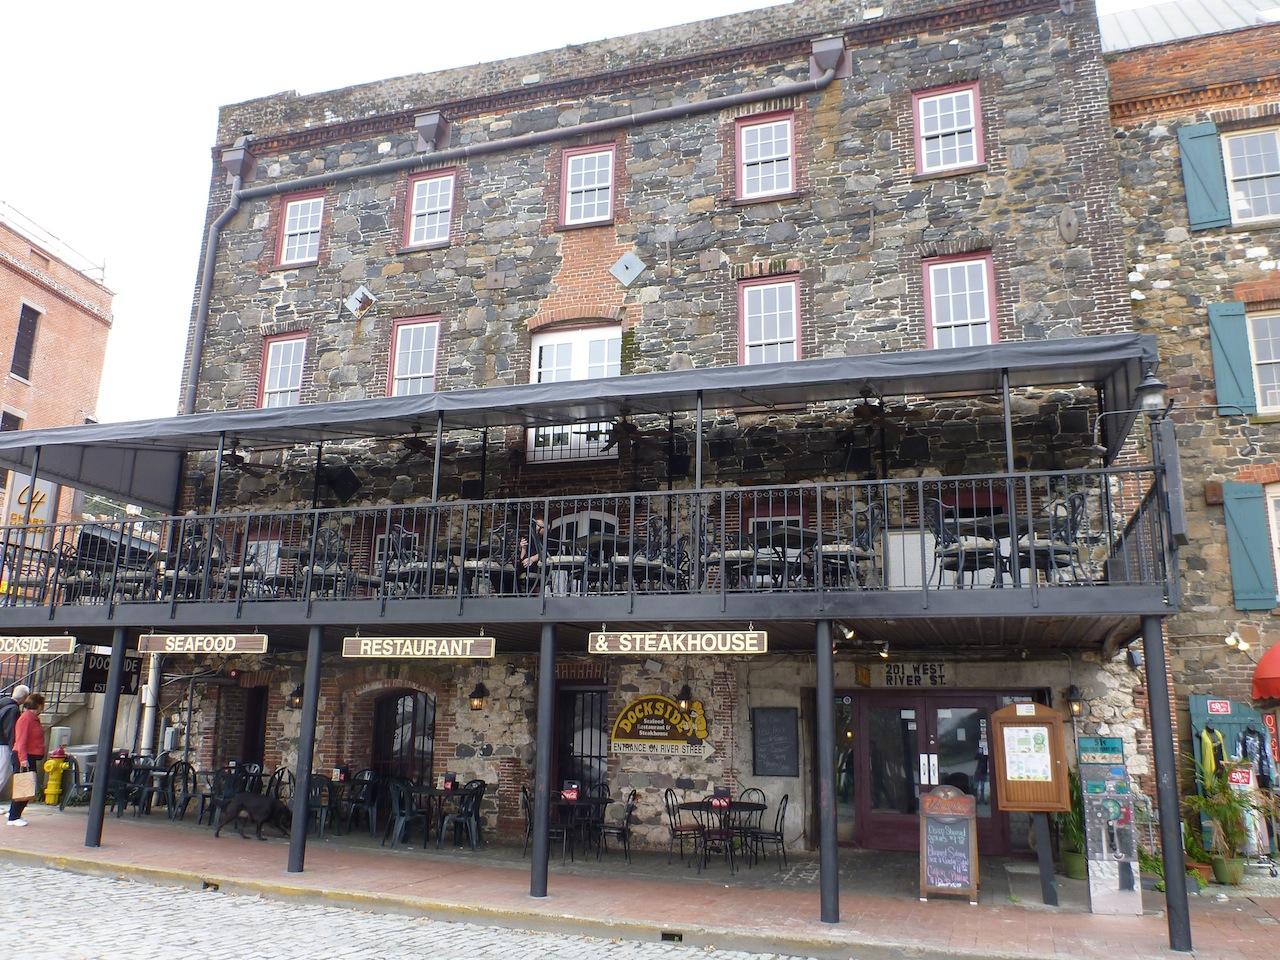 Dockside Restaurant On River Street